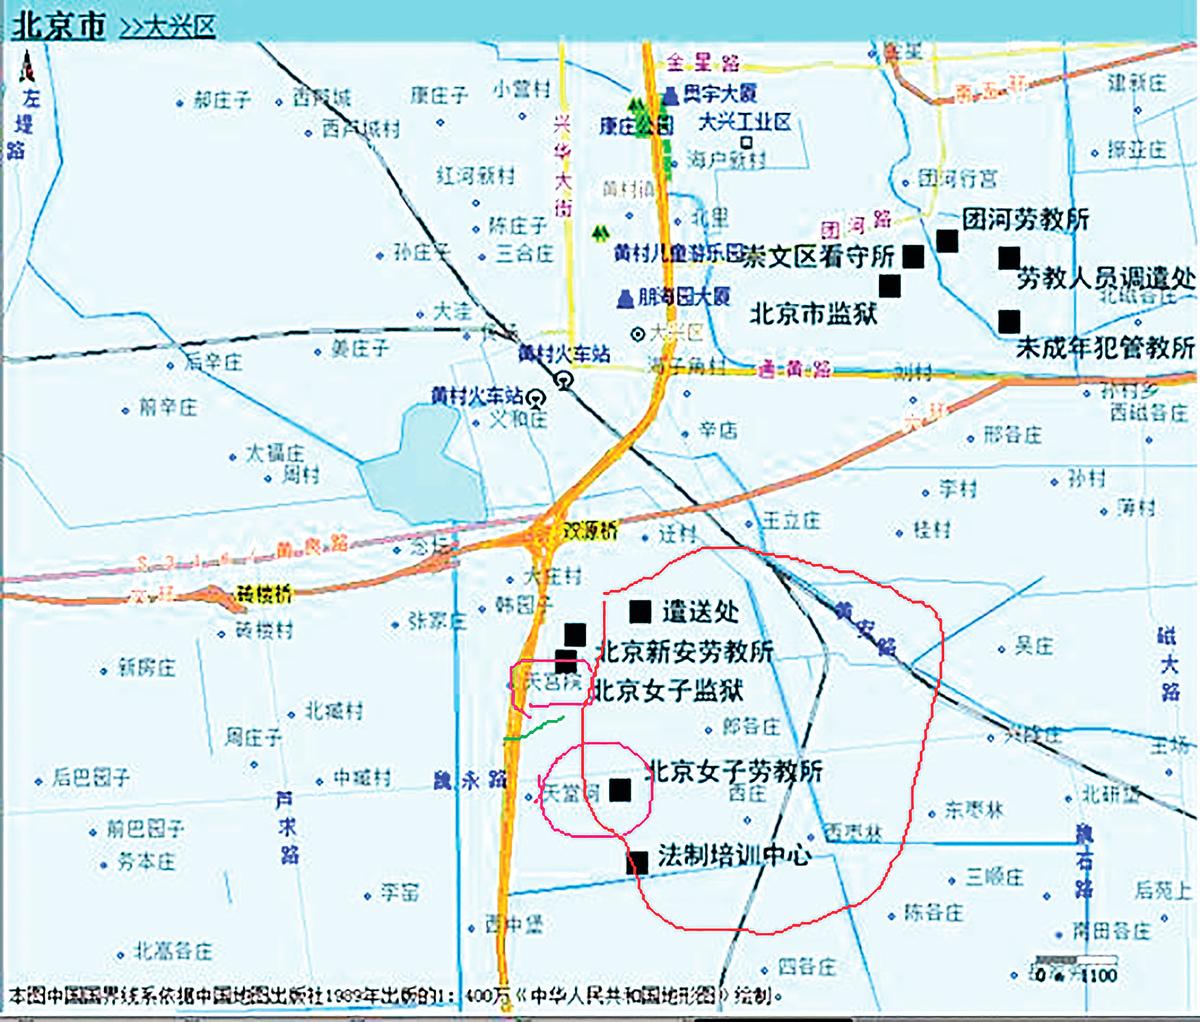 北京大興區佈滿國家暴力機構,有北京女監、北京女子勞教所、北京新安勞教所等,當地卻叫「天堂河」、「天宮院」。(明慧網)